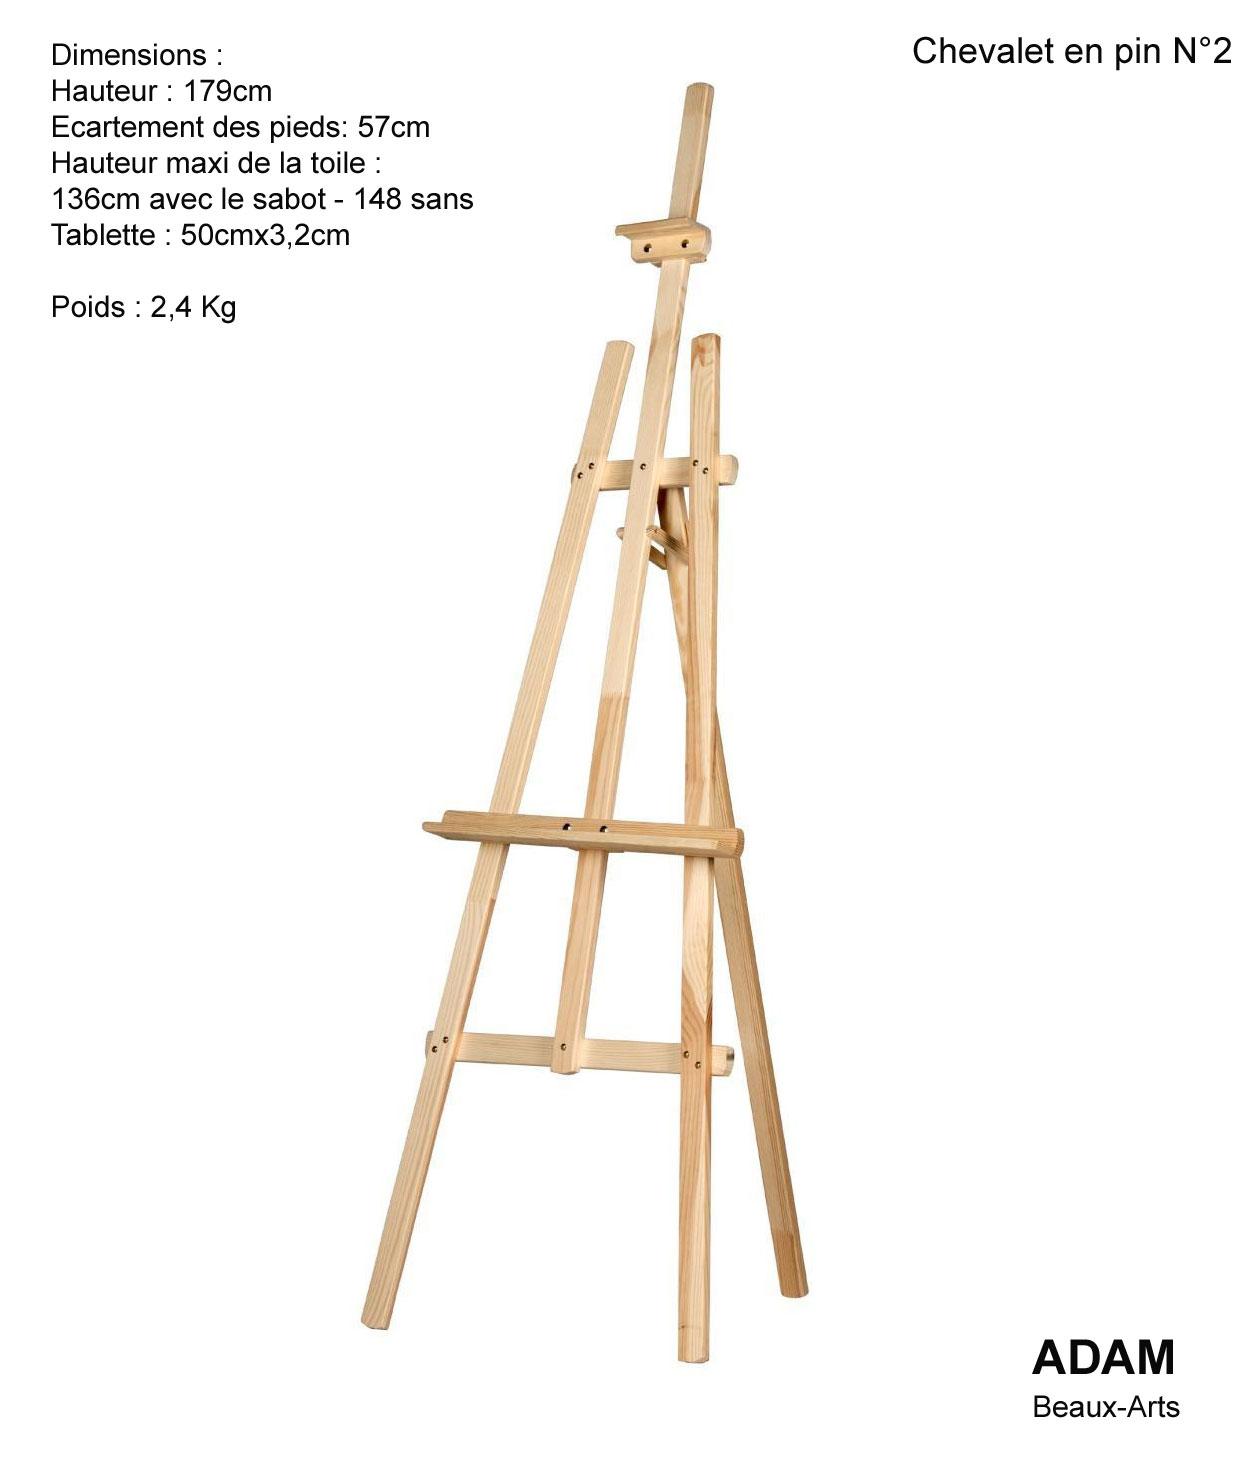 magasin chevalet peinture prix pas cher a paris pour achat exposition acheter chevalets pour. Black Bedroom Furniture Sets. Home Design Ideas